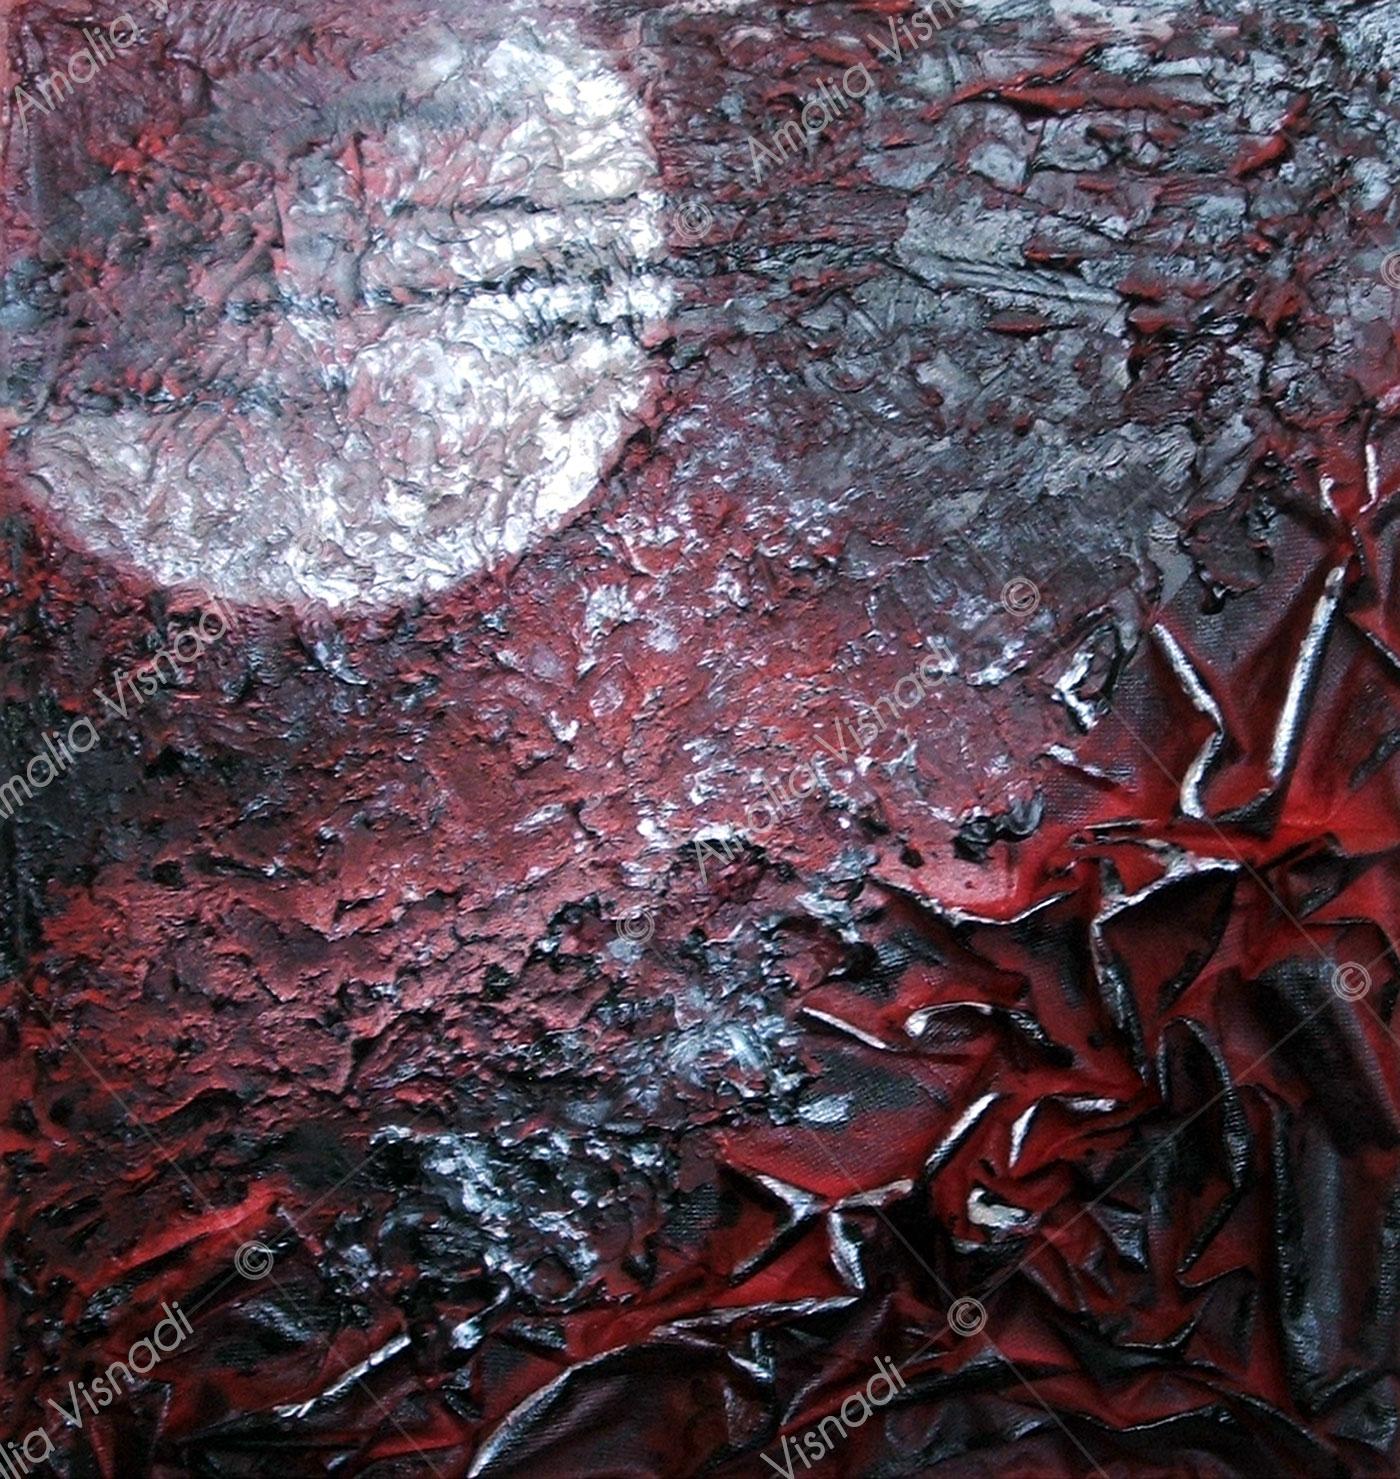 Am...plesso_Acrilico materico e tessuto su tavola 40 x 40